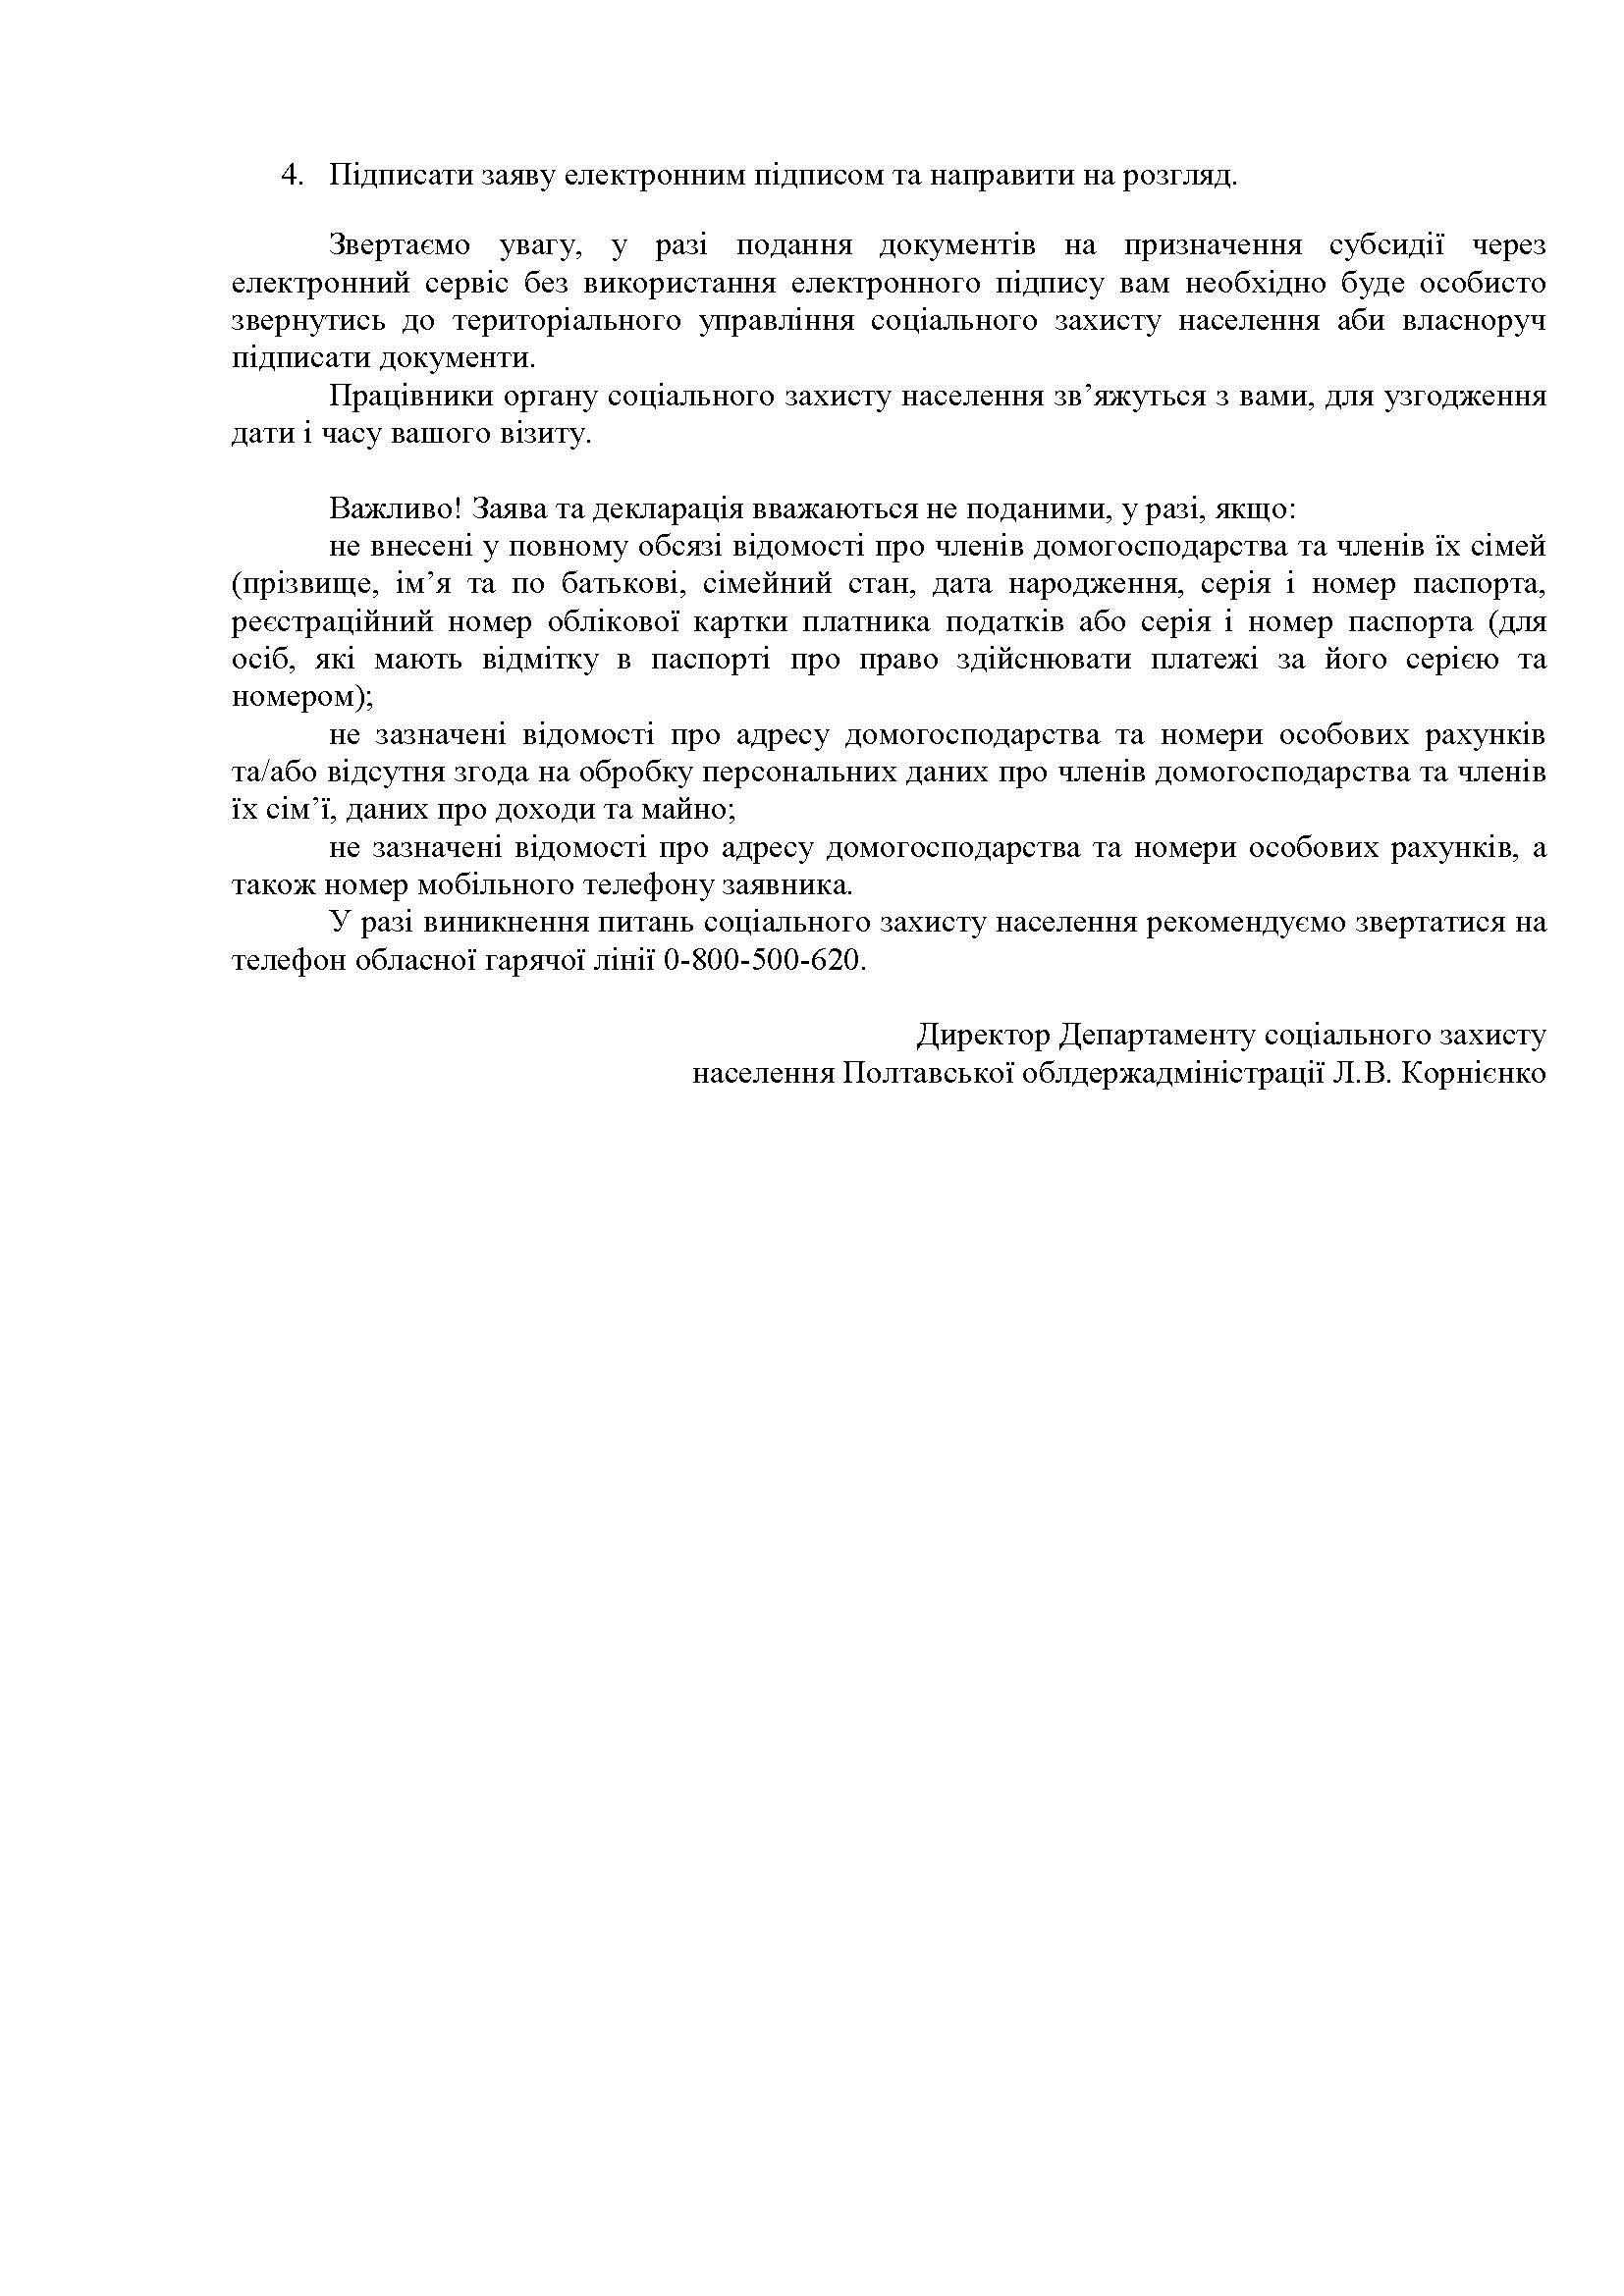 20.04.21_03.1-11-150_соціальні_питання_ТГ_Страница_5